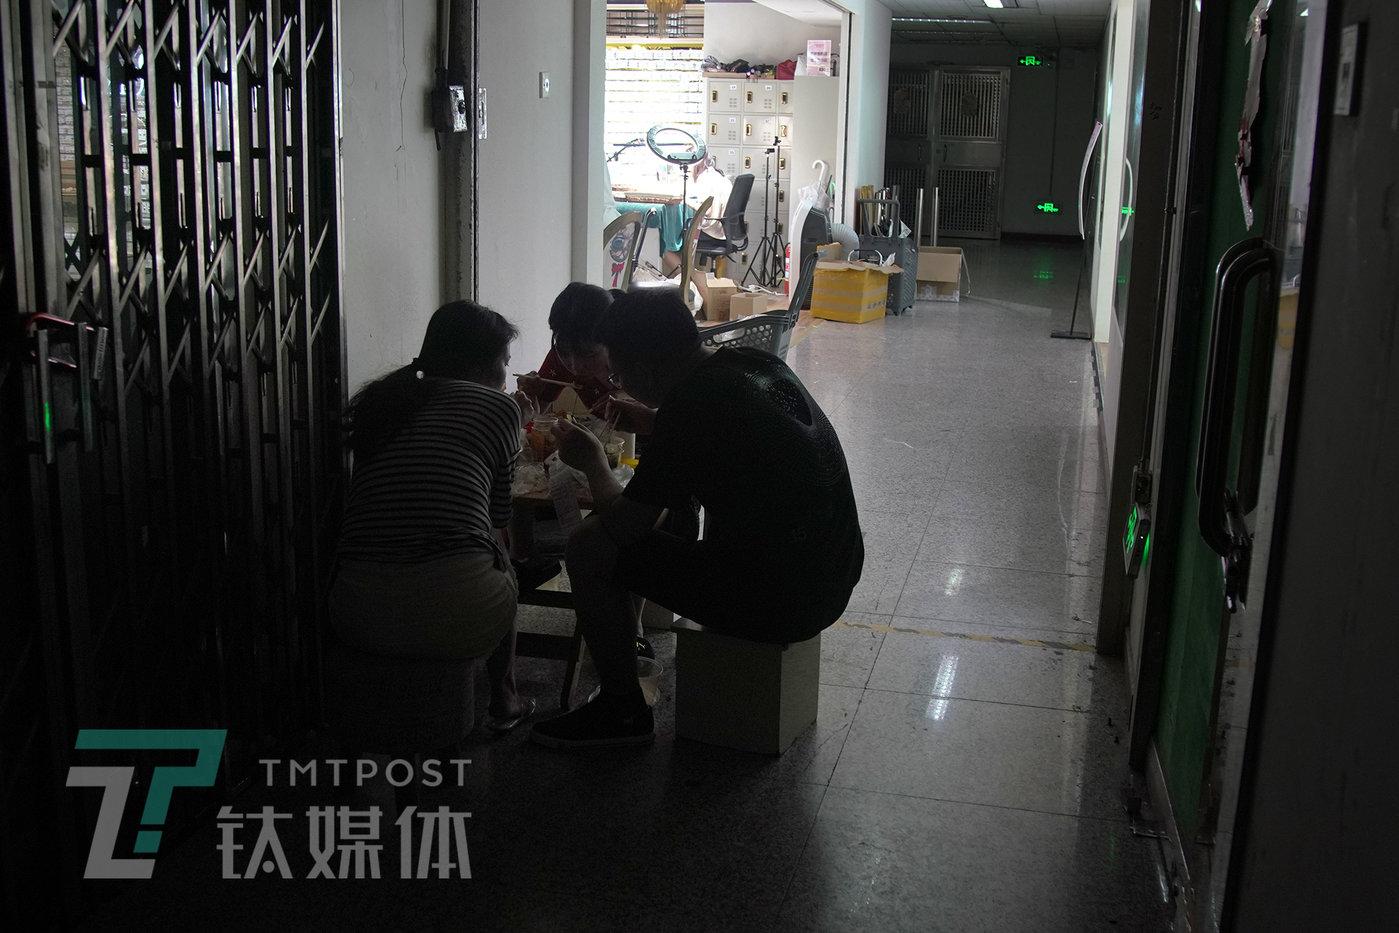 6月8日深夜,晓彤和团队伙伴在展厅走廊吃饭。